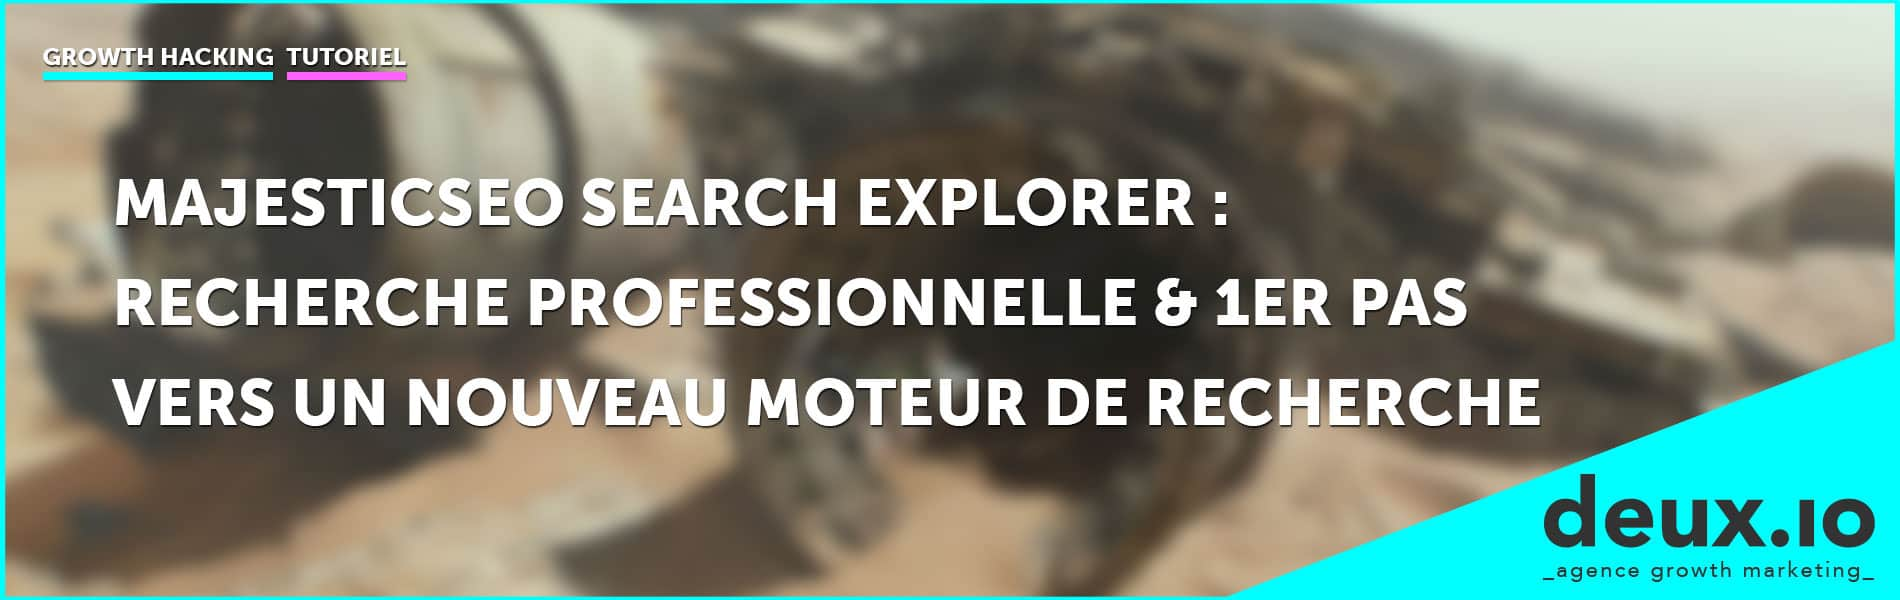 majestic seo search explorer recherche professionnelle et 1er pas vers un nouveau moteur de recherche